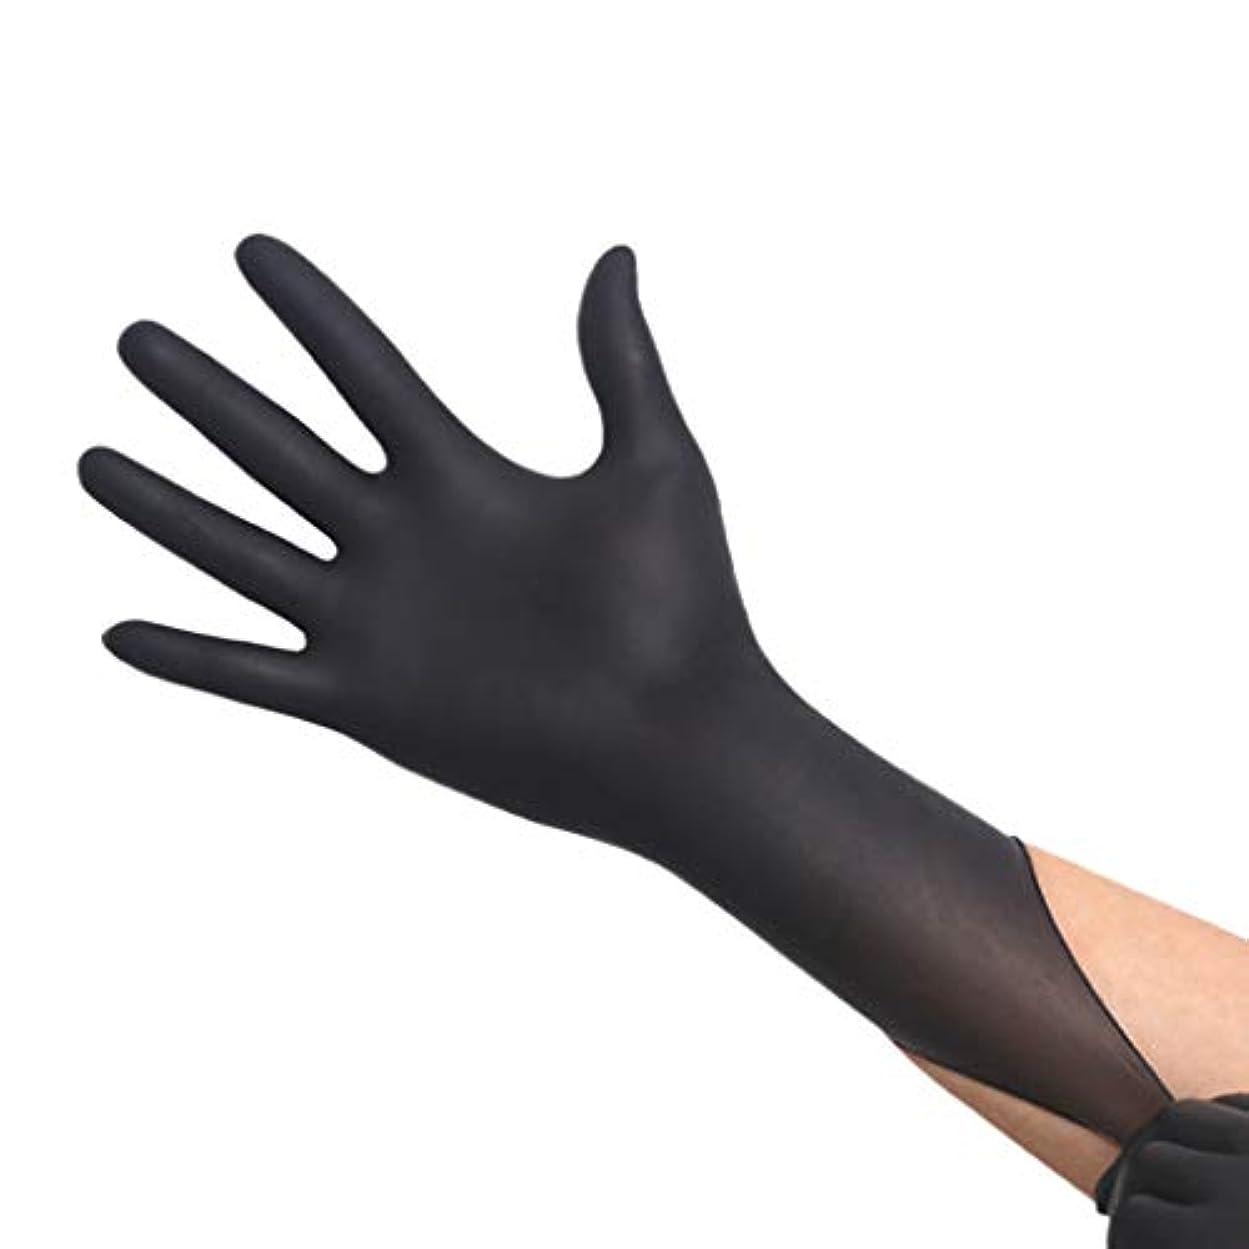 厚手の耐摩耗性使い捨てブラックニトリル手袋 - 耐酸性美容サロン手袋、50ペア/箱 YANW (色 : ブラック, サイズ さいず : M m)